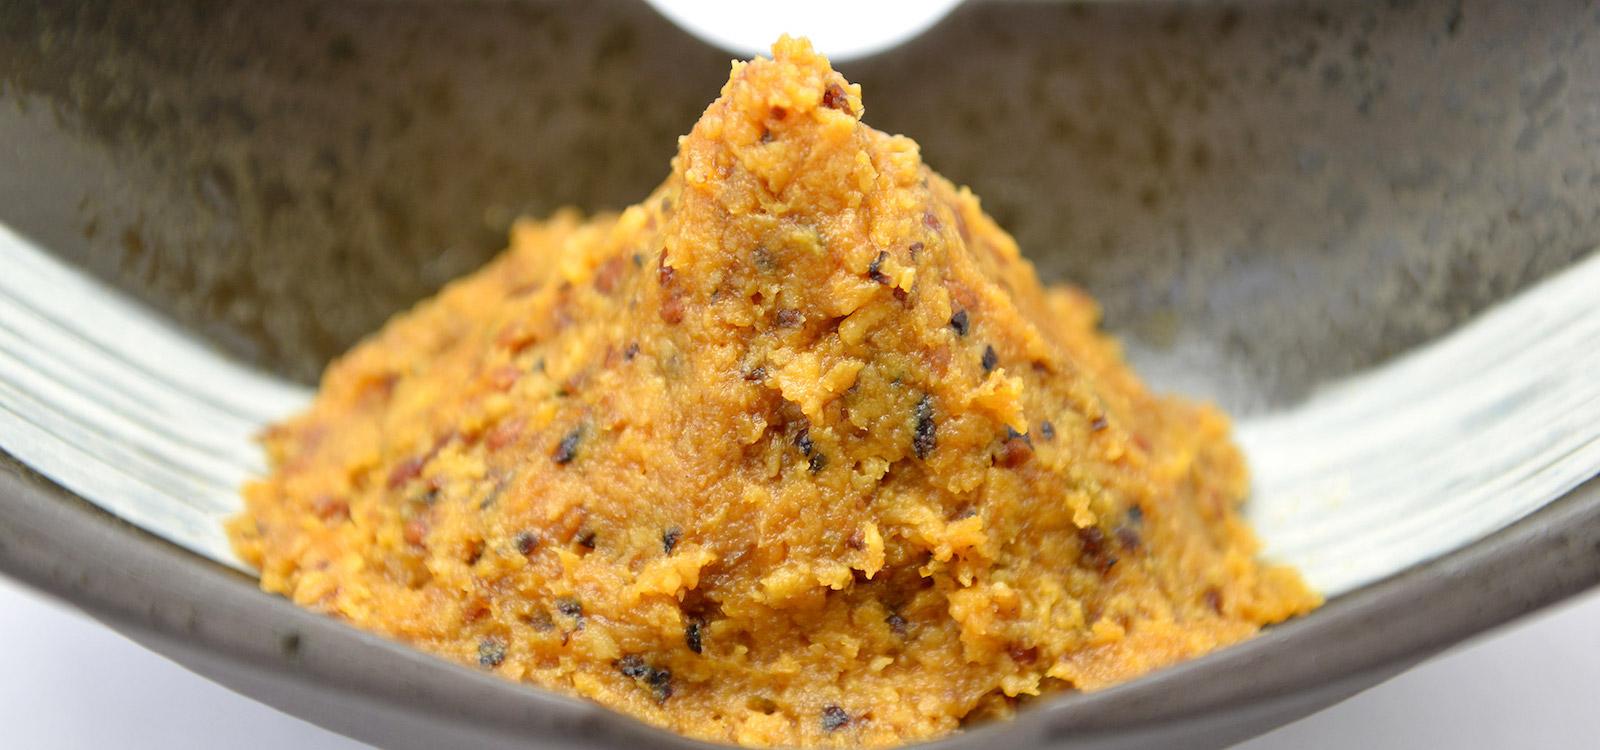 21種類の米、大豆を使用した味噌。わいわい楽しくお召し上がりください。